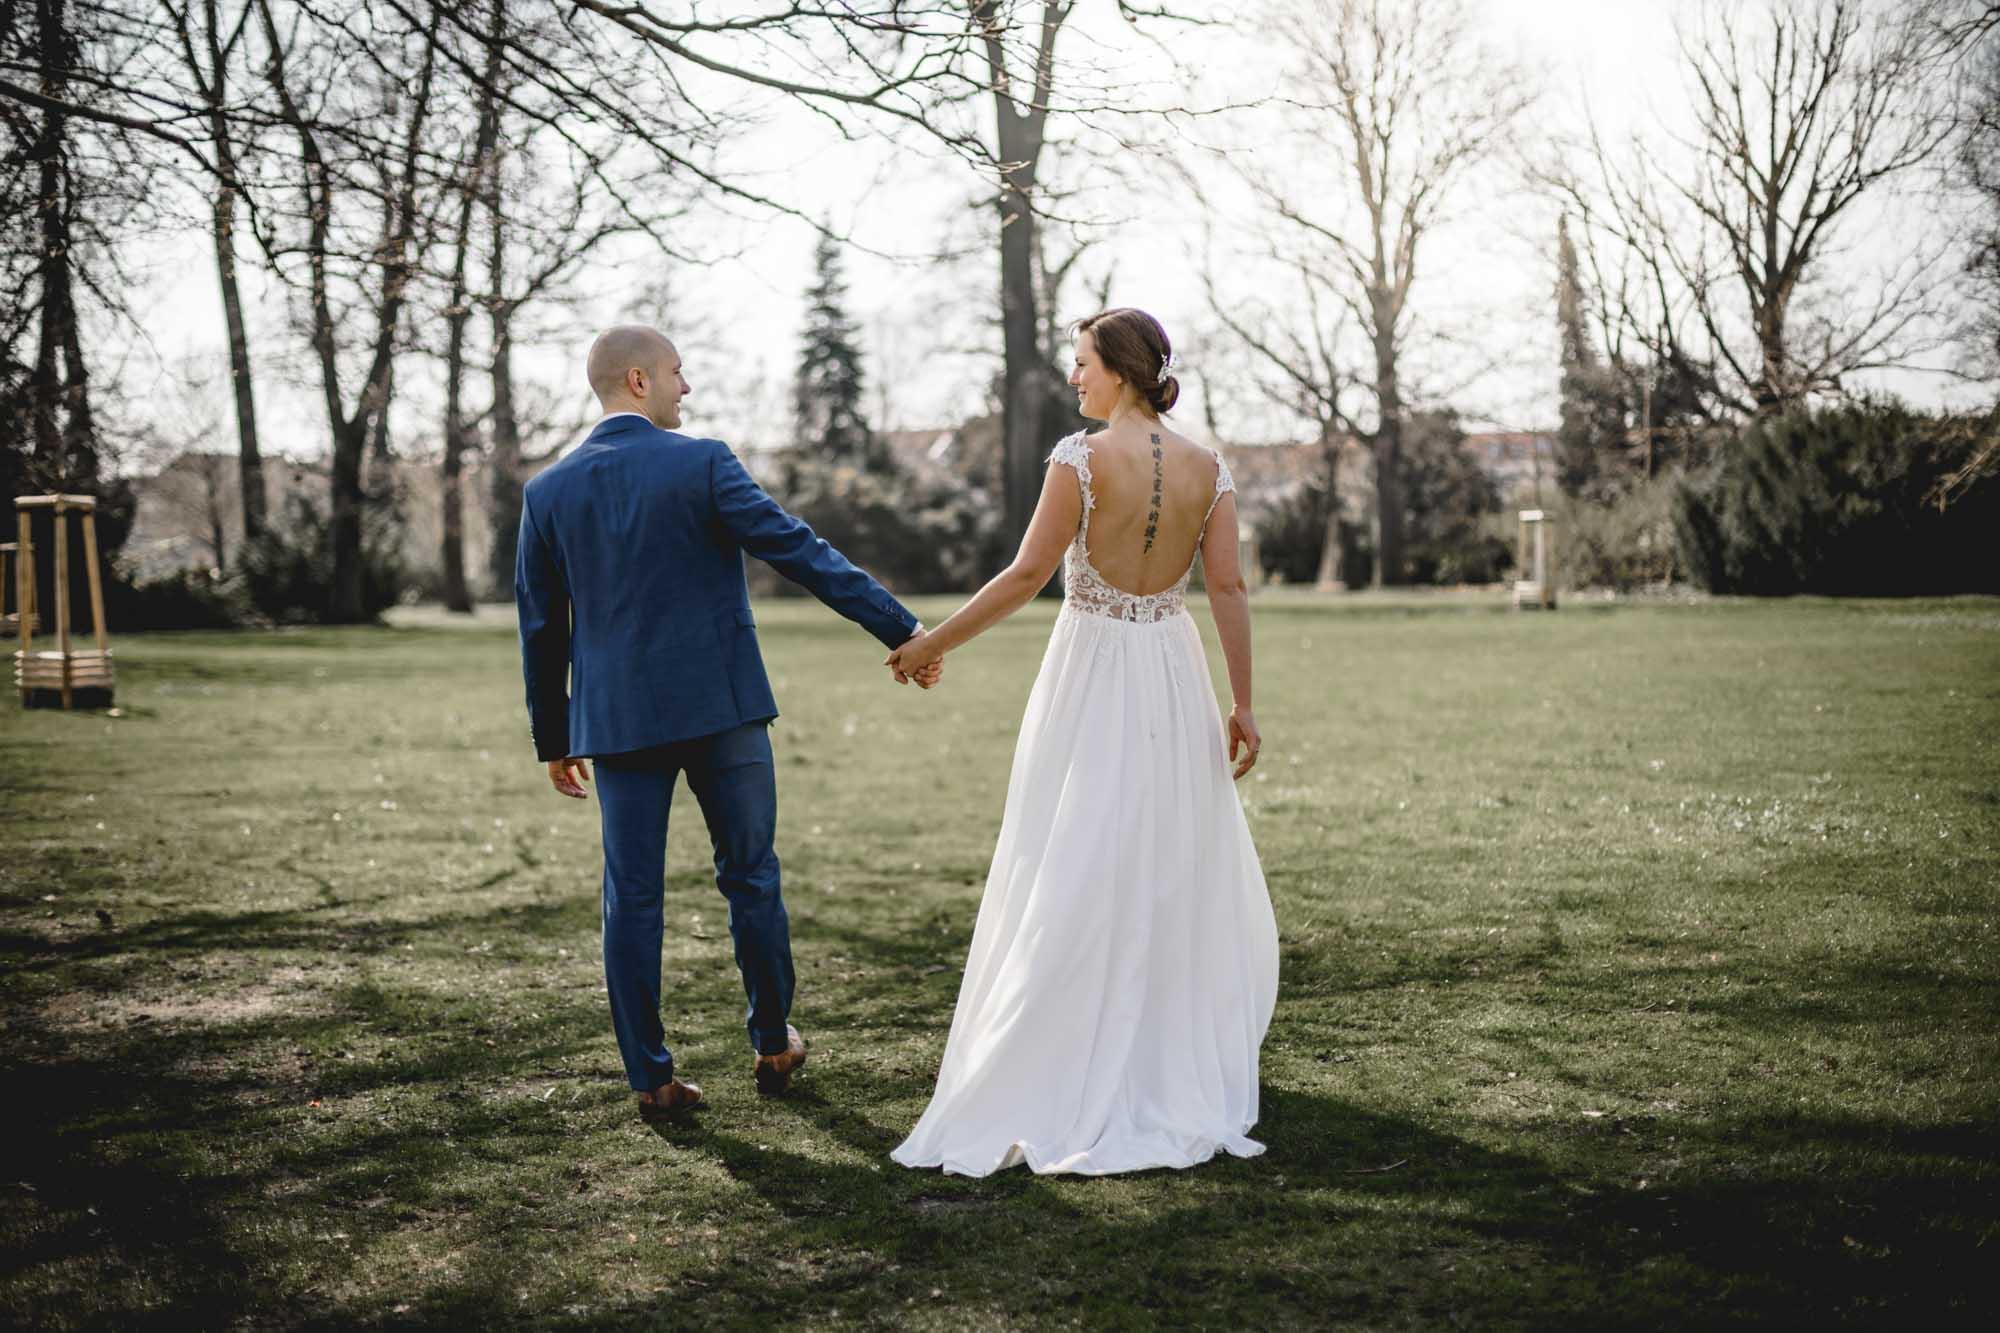 Fotograf Köpenick Christina und Roy Hochzeit auf der Schlossinsel